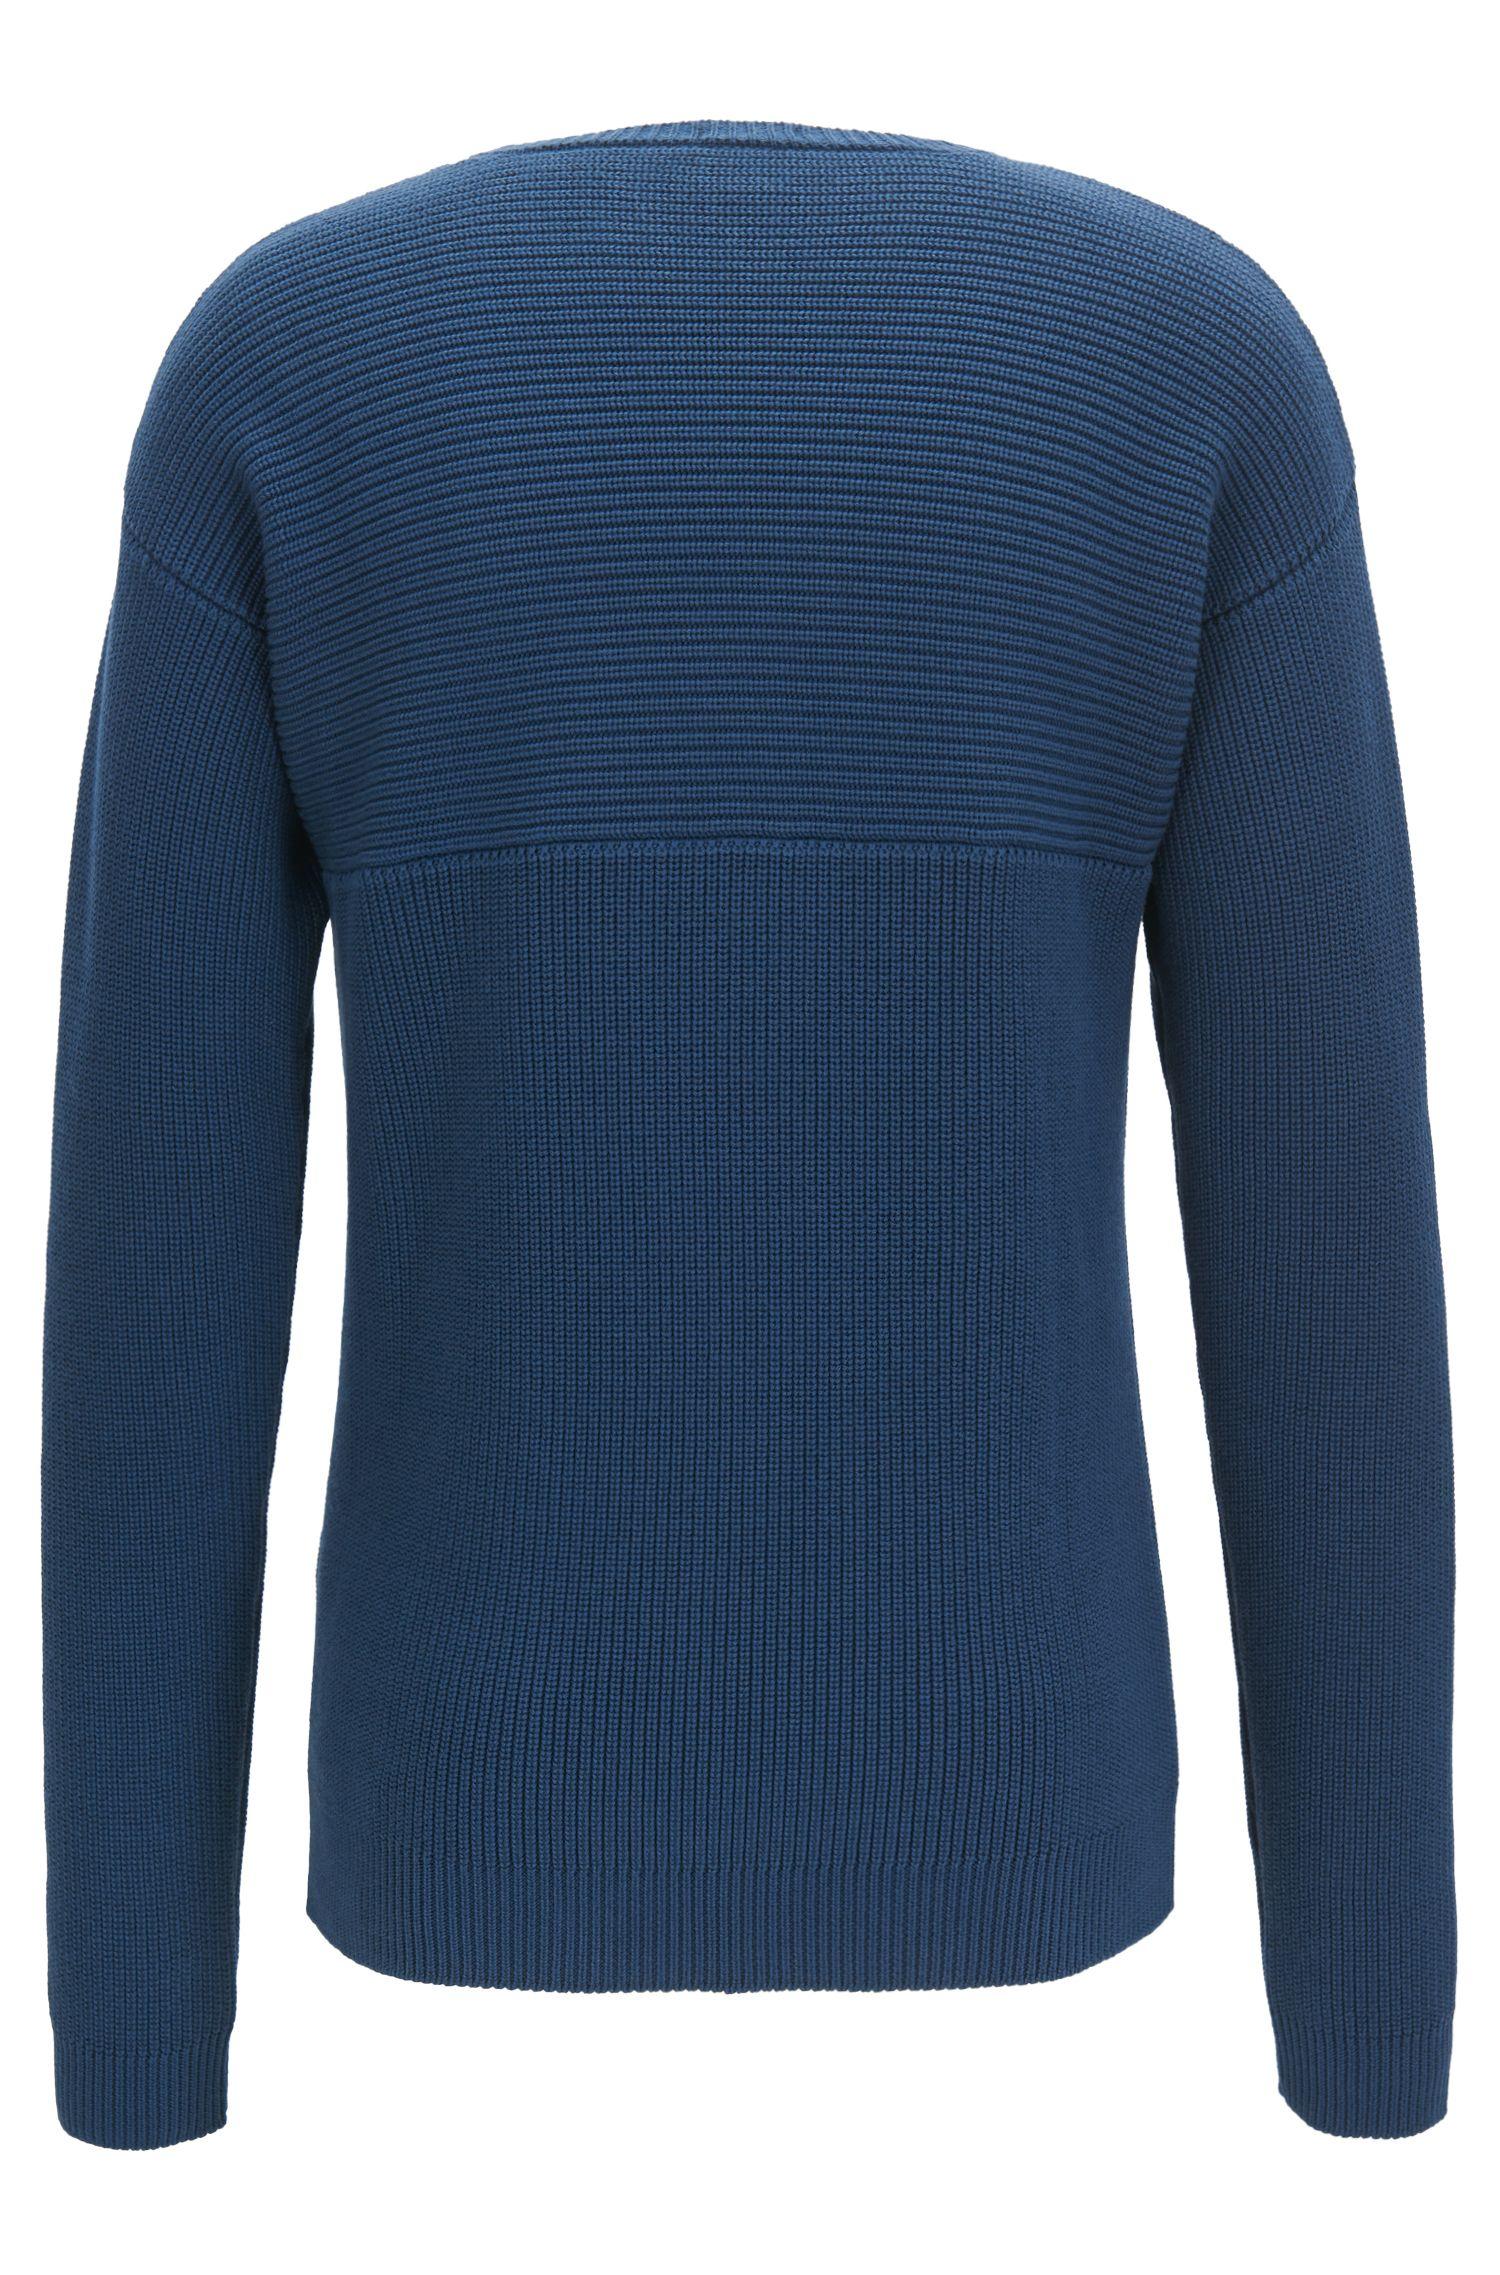 Pullover aus linksgestrickter Pima-Baumwolle, Dunkelblau